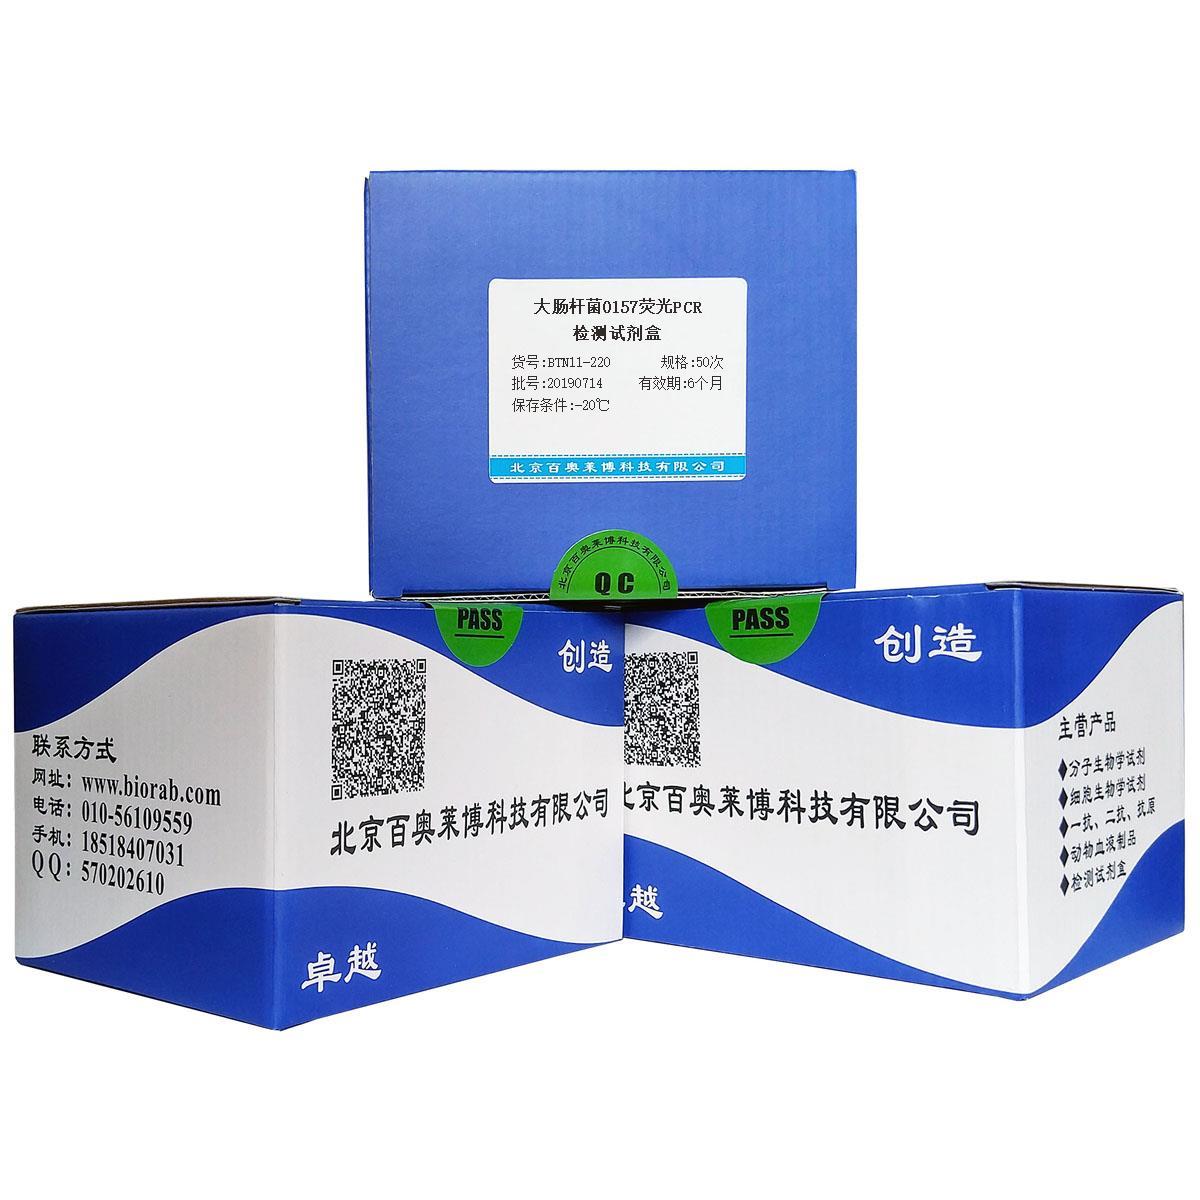 大肠杆菌0157荧光PCR检测试剂盒优惠促销